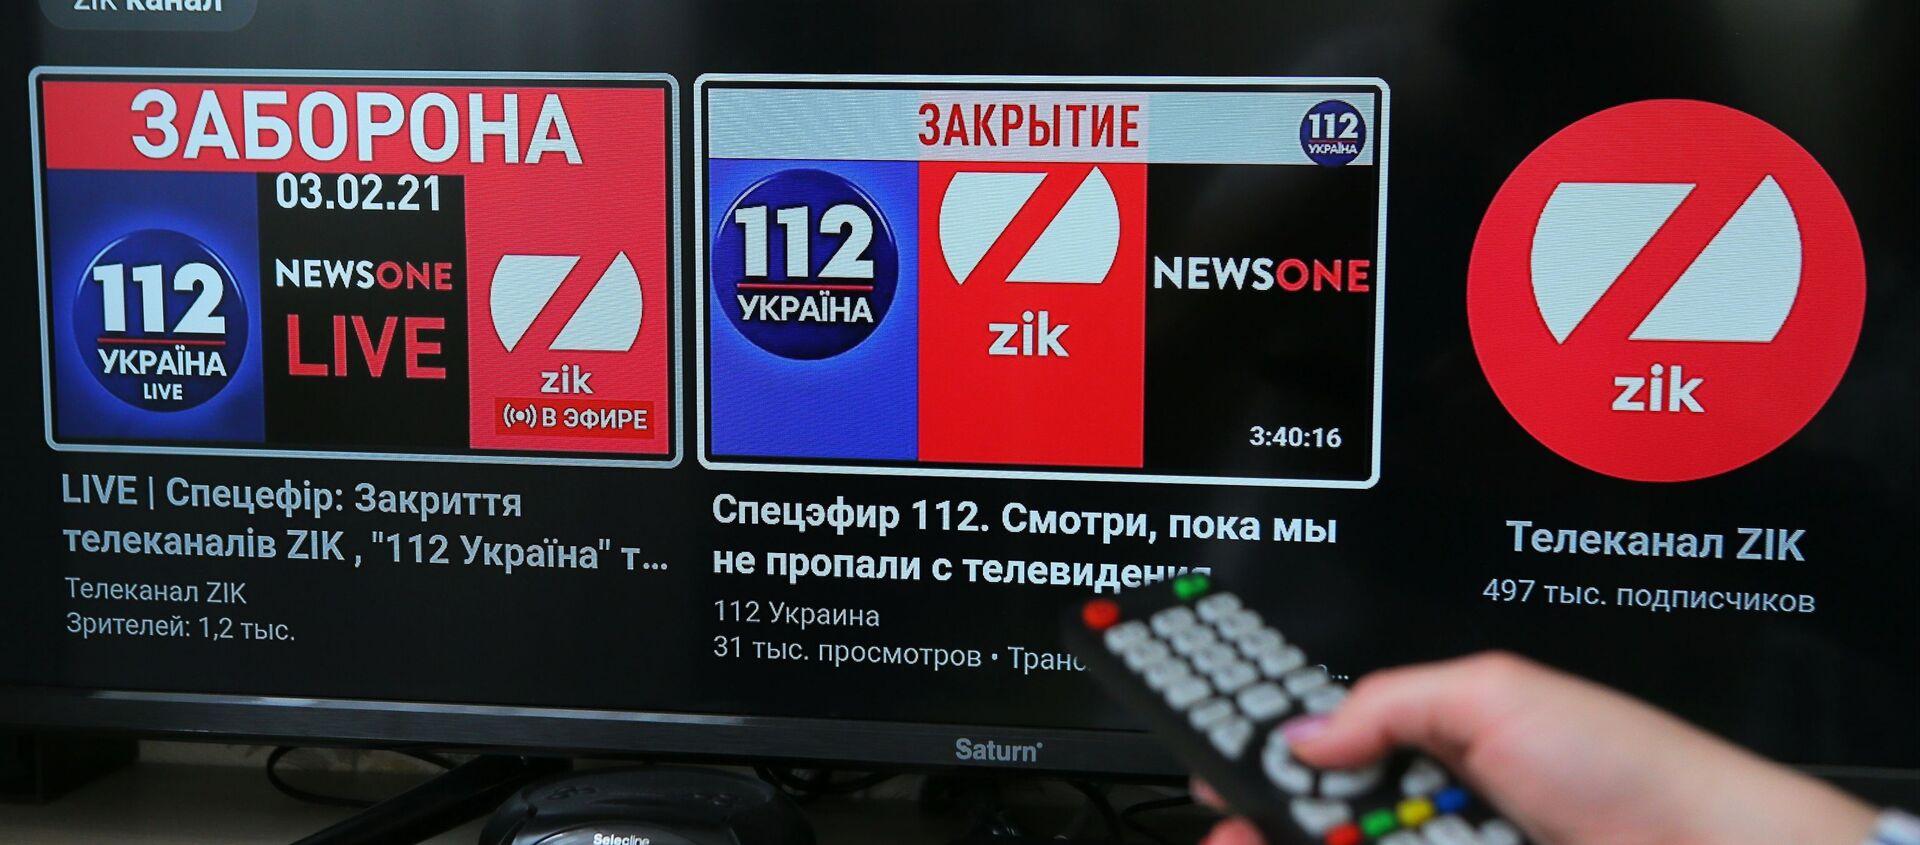 Экран телевизора с интернет-трансляцией телеканалов 112.Украина и ZIK  на платформе видеохостинга YouTube - Sputnik Узбекистан, 1920, 08.02.2021